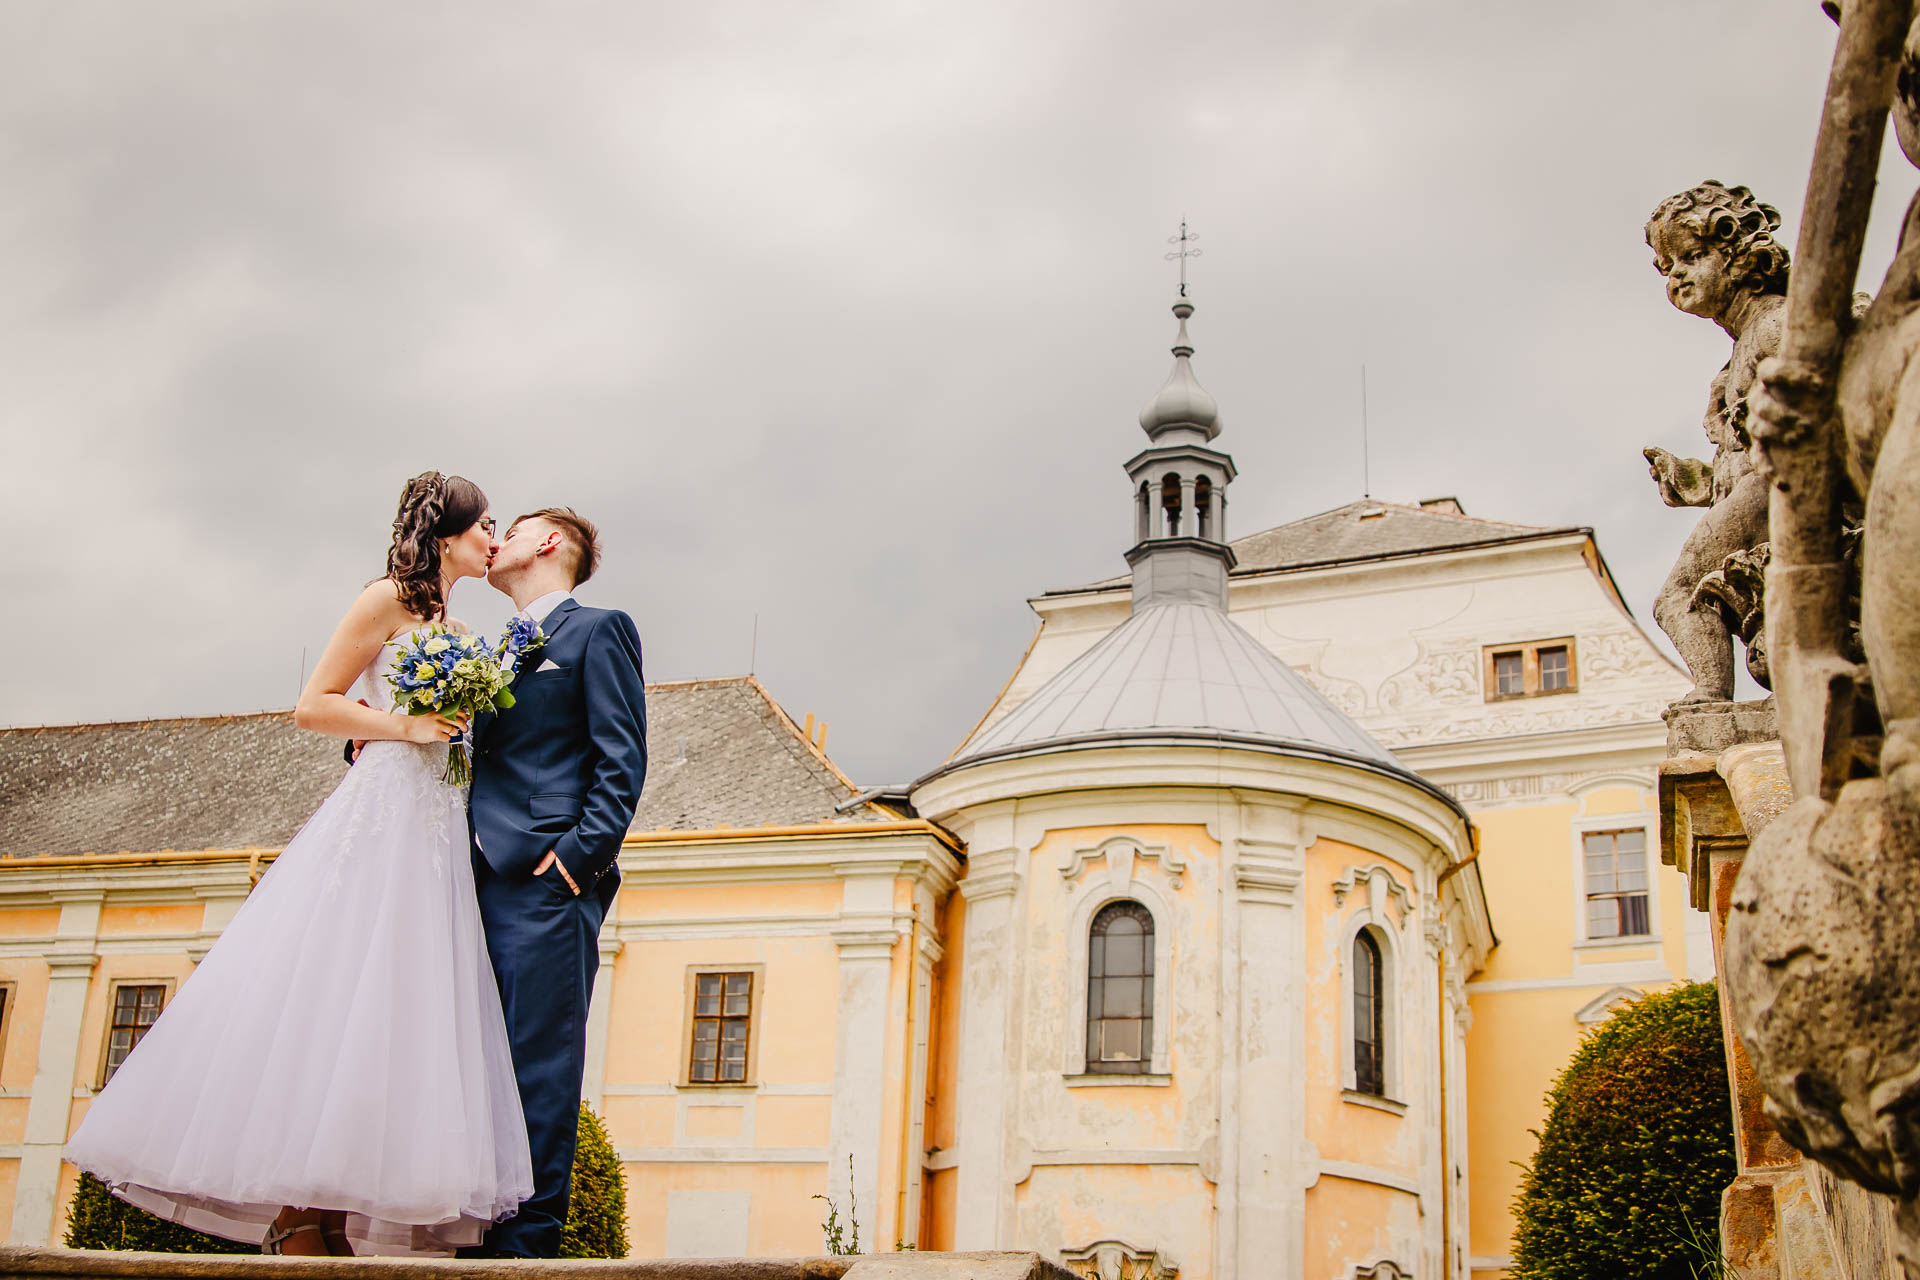 příprava-svatebního-obřadu-Lysá-nad-Labem-svatební-agentura-Svatbavenku-7312